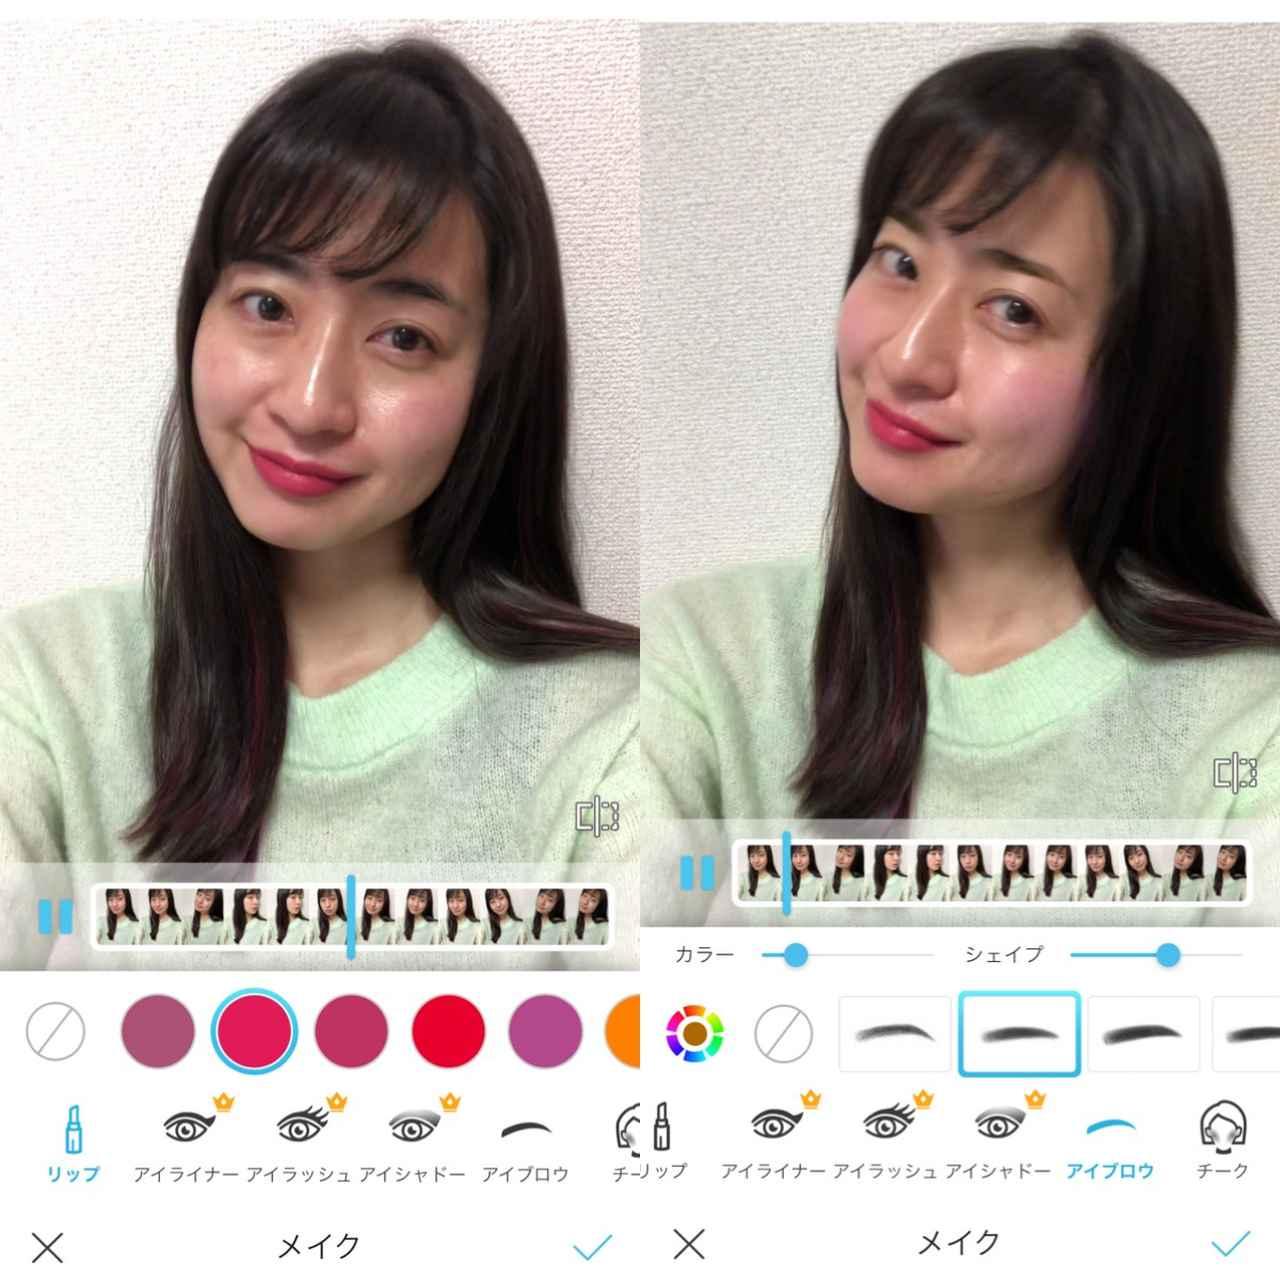 画像1: リップの色や眉毛など、自分でカスタマイズしてメイクやレタッチも可能。